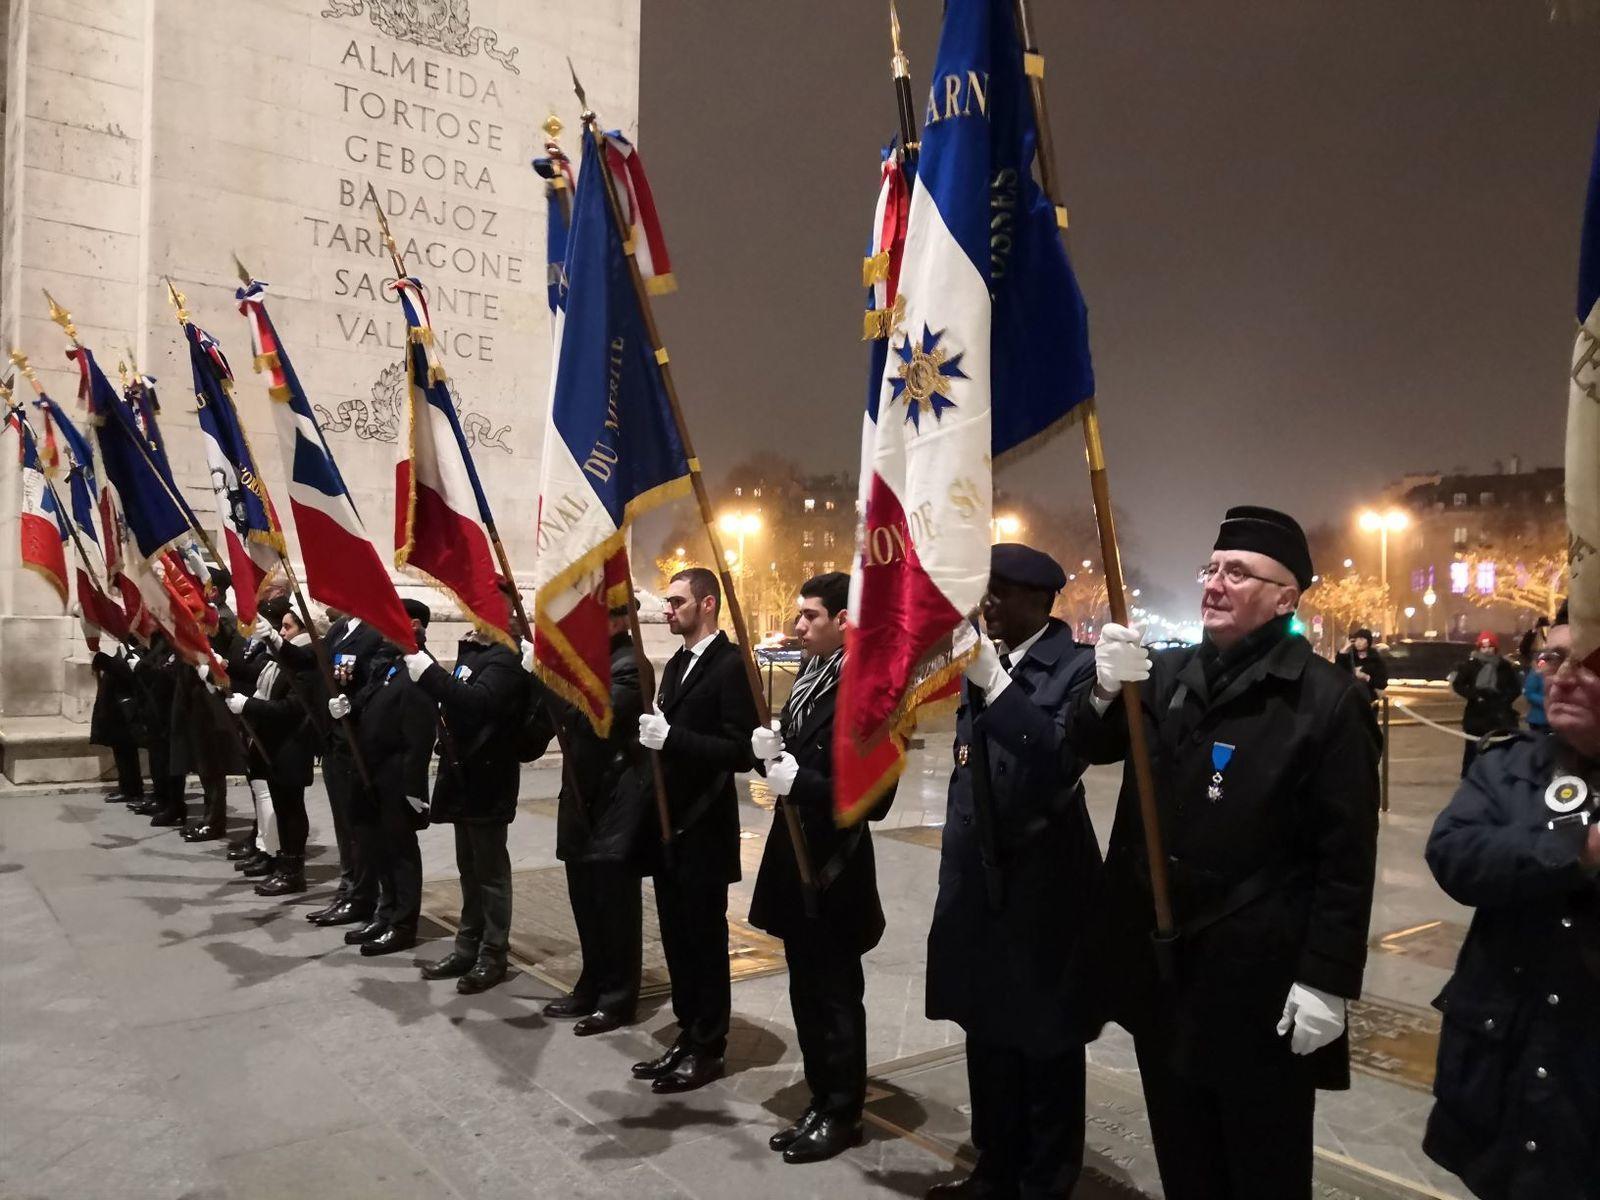 Le collège Blaise Cendrars de Boissy-Saint-Léger à l'Arc de Triomphe !!!